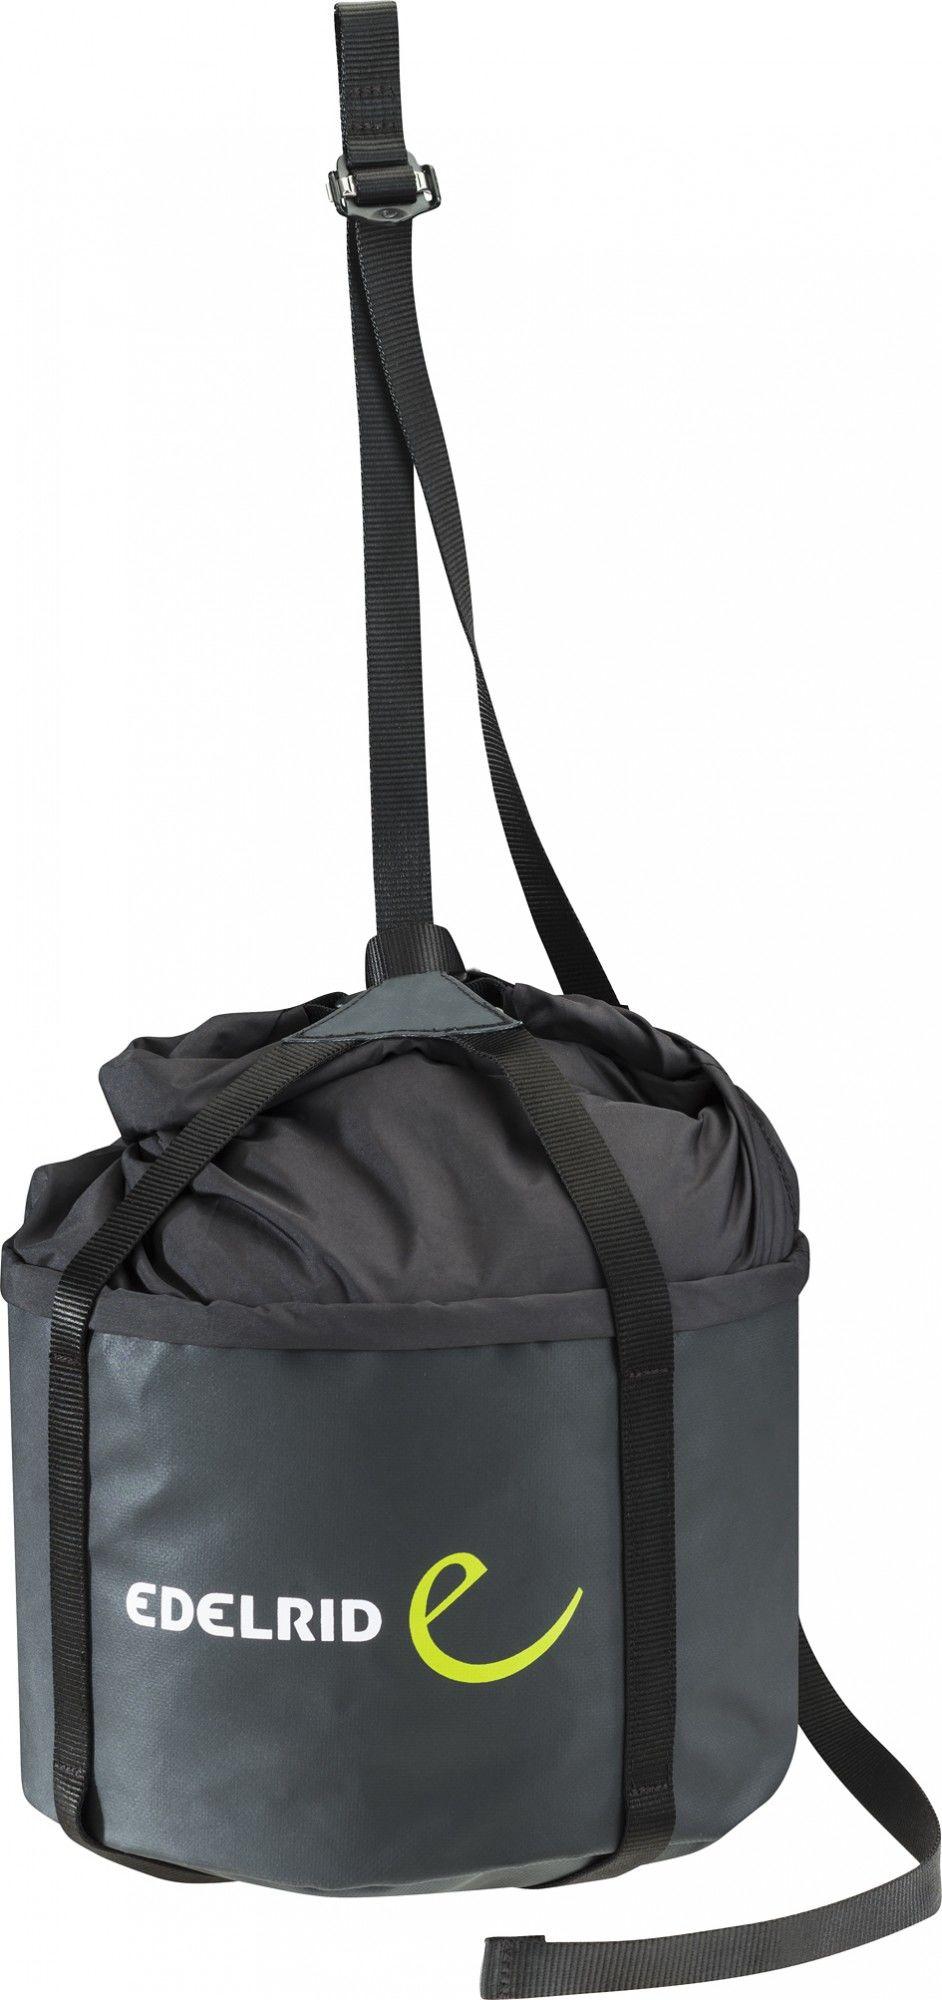 Edelrid Burden Bag |  Kletterzubehör